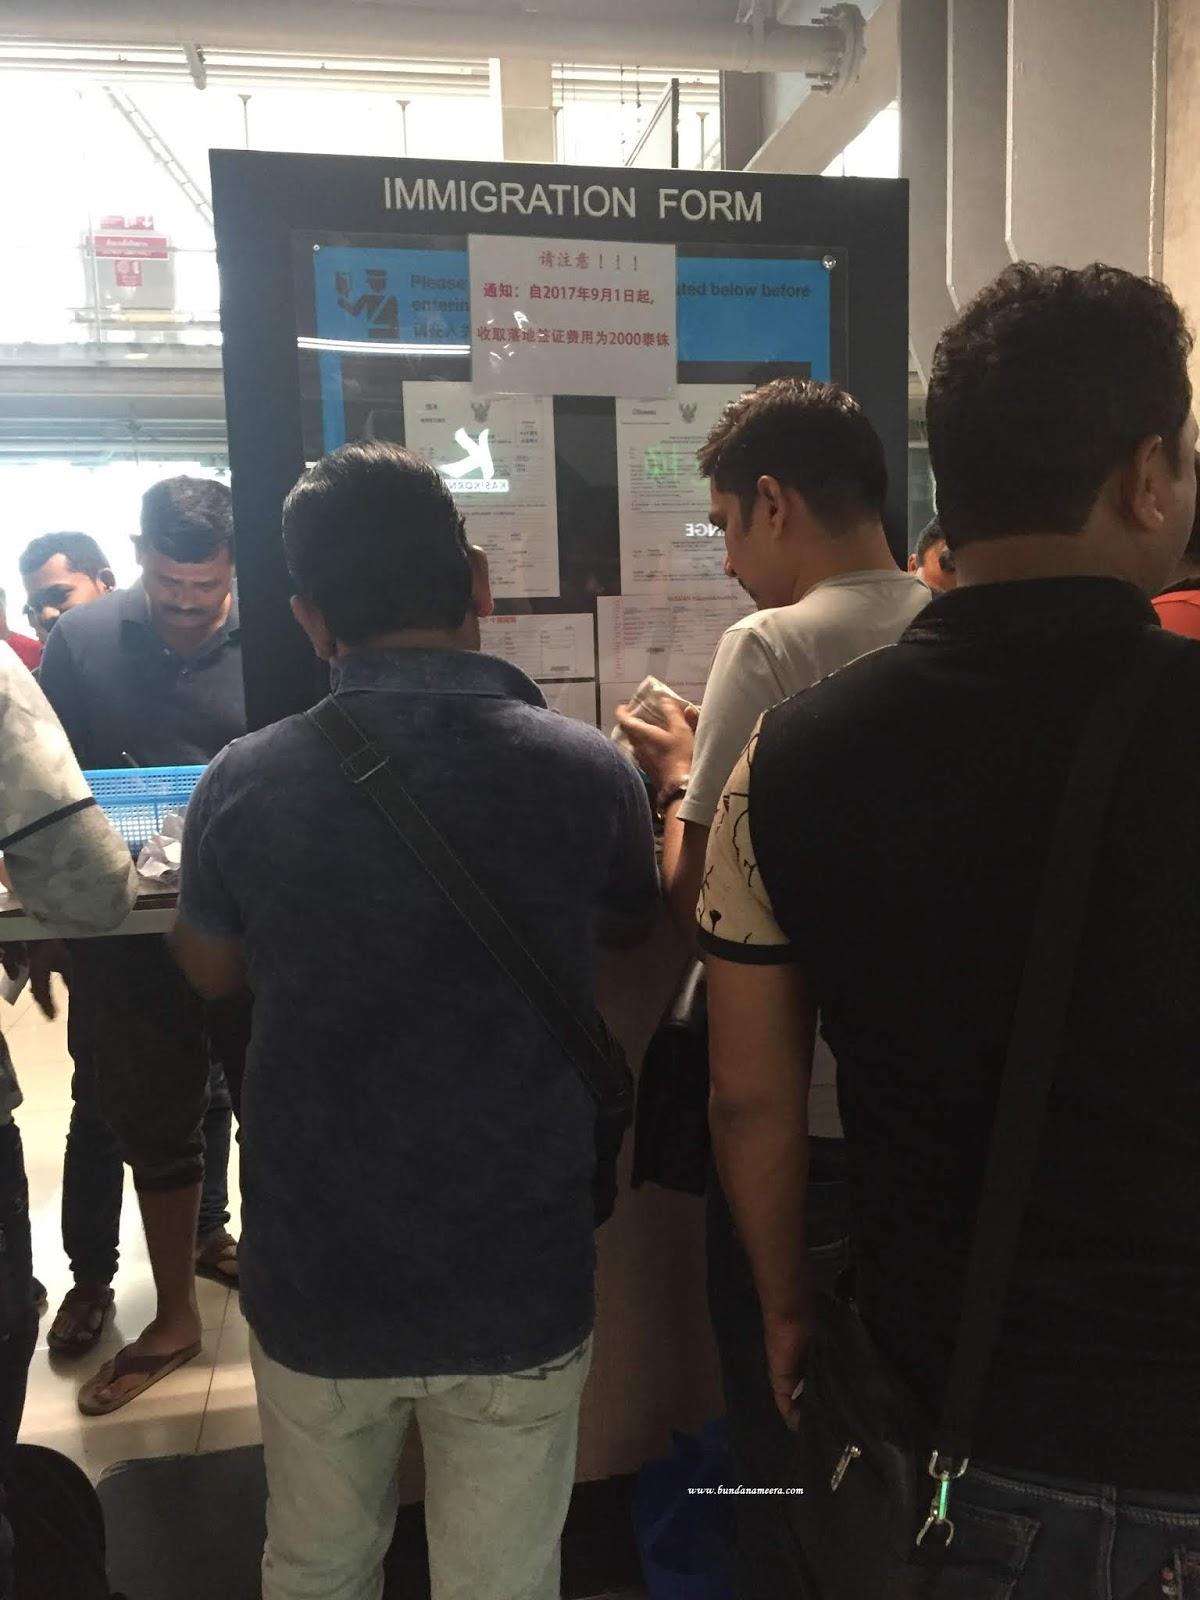 pengalaman di Bandara Suvarnabhumi Thailand, Yang wajib diketahui mengenai Bandara Thailand, larangan merokok di bandara Thailand, imigrasi di thailand